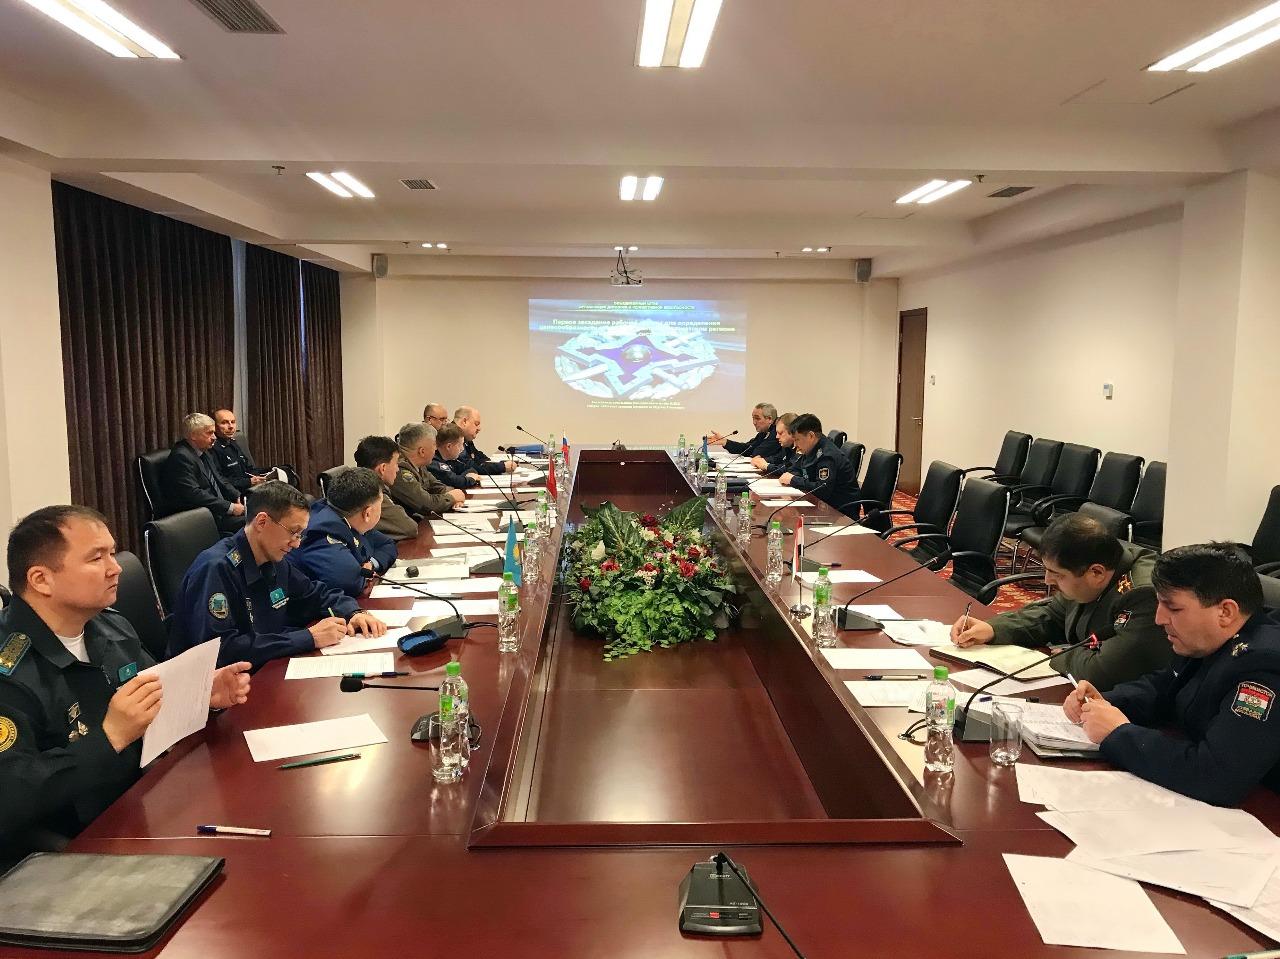 В Душанбе рабочая группа обсудила вопросы создания  объединенной системы ПВО в Центрально-Азиатском регионе